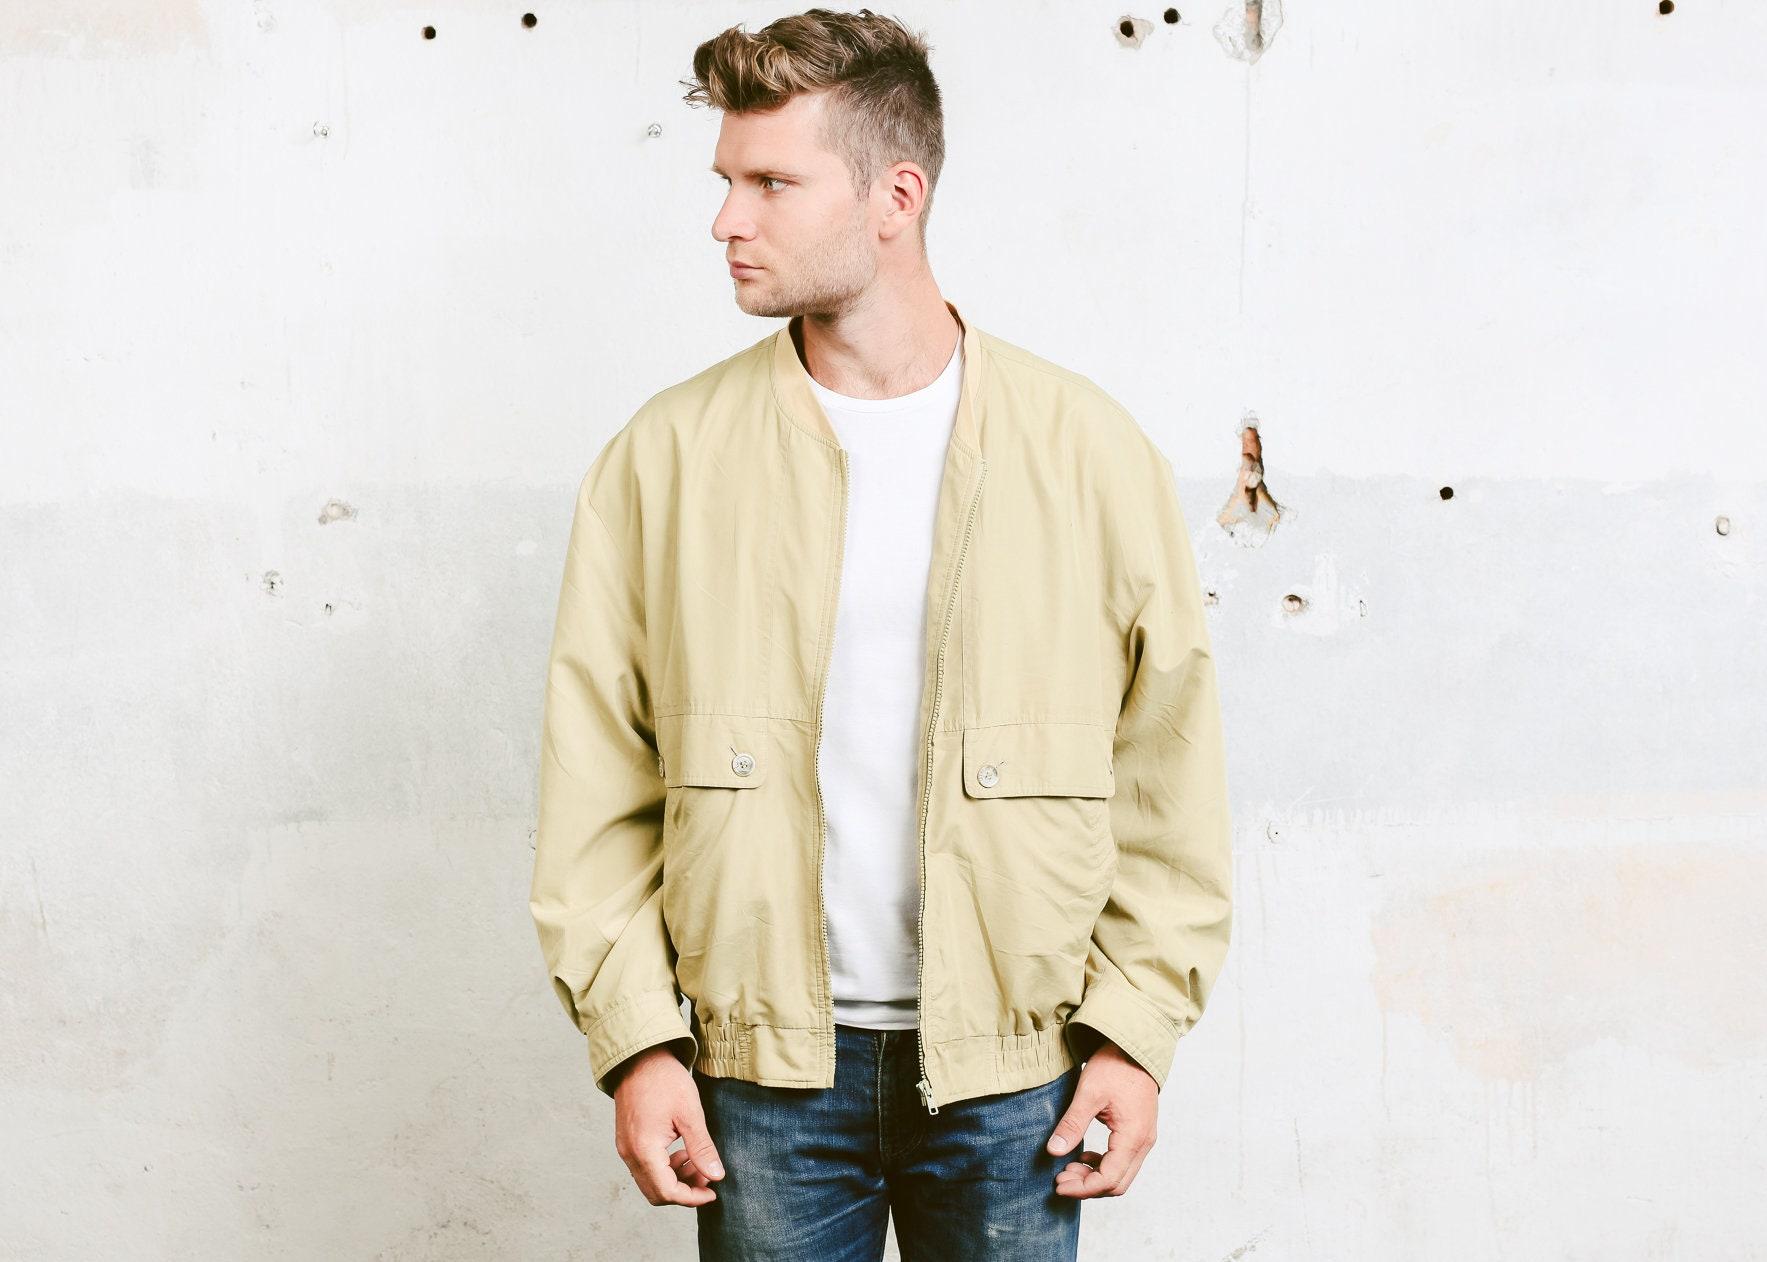 Men Lightweight Jacket Vintage 90s Beige Jacket Jacket Zip Up